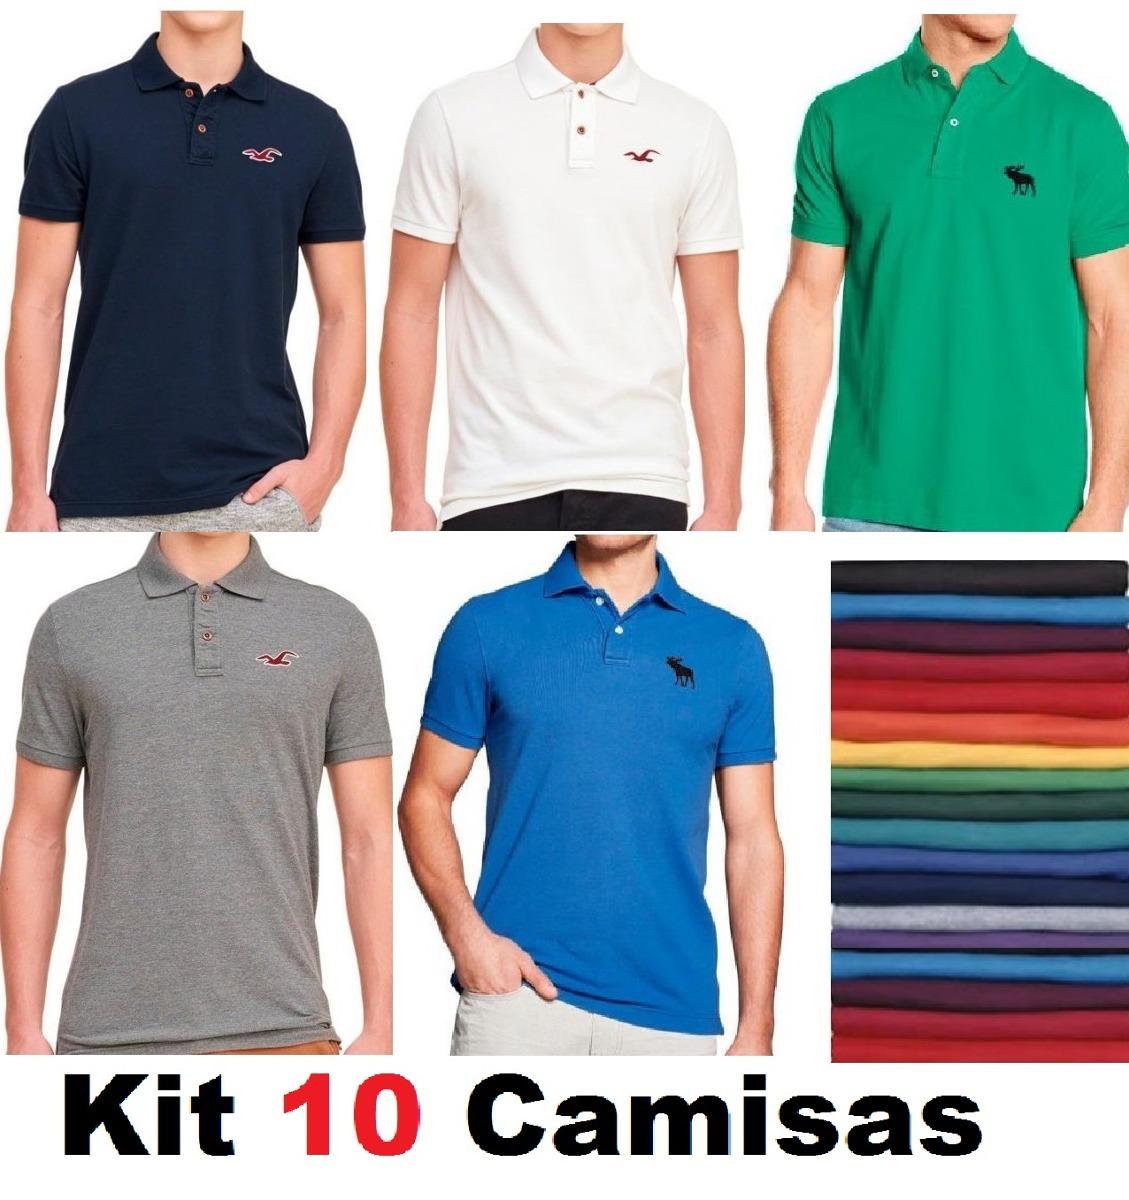 Kit Com 10 Camisas Gola Polo Masculinas Baratas Em Atacado - R  178 ... 08f52df734b2f